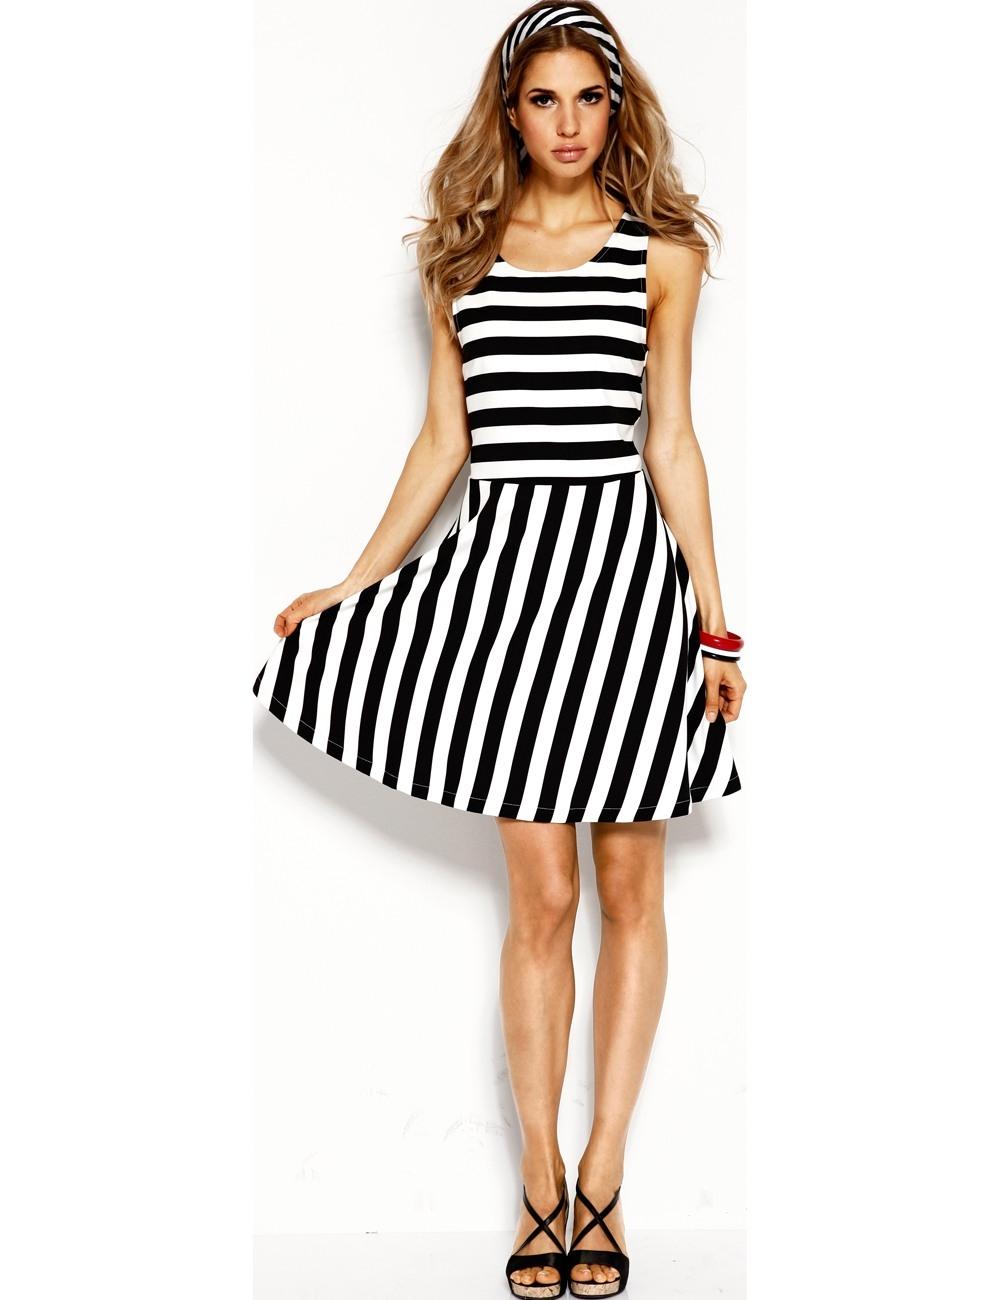 Designer Fantastisch Kleider In Schwarz Weiß Stylish10 Einfach Kleider In Schwarz Weiß Stylish